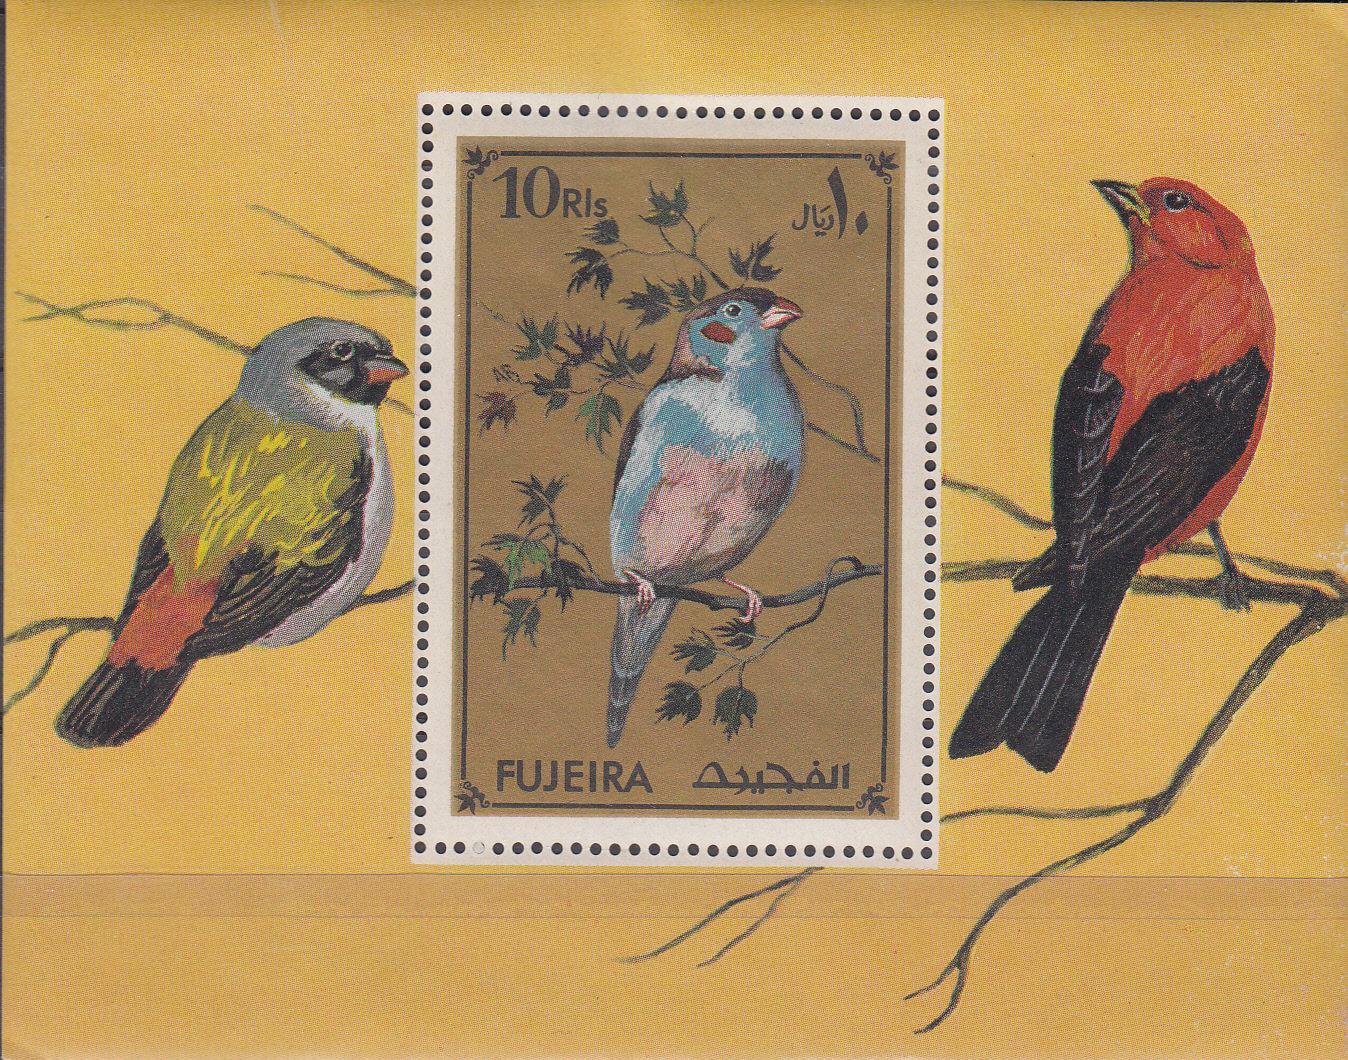 Fujeira 1971 Tropical Birds g.jpg